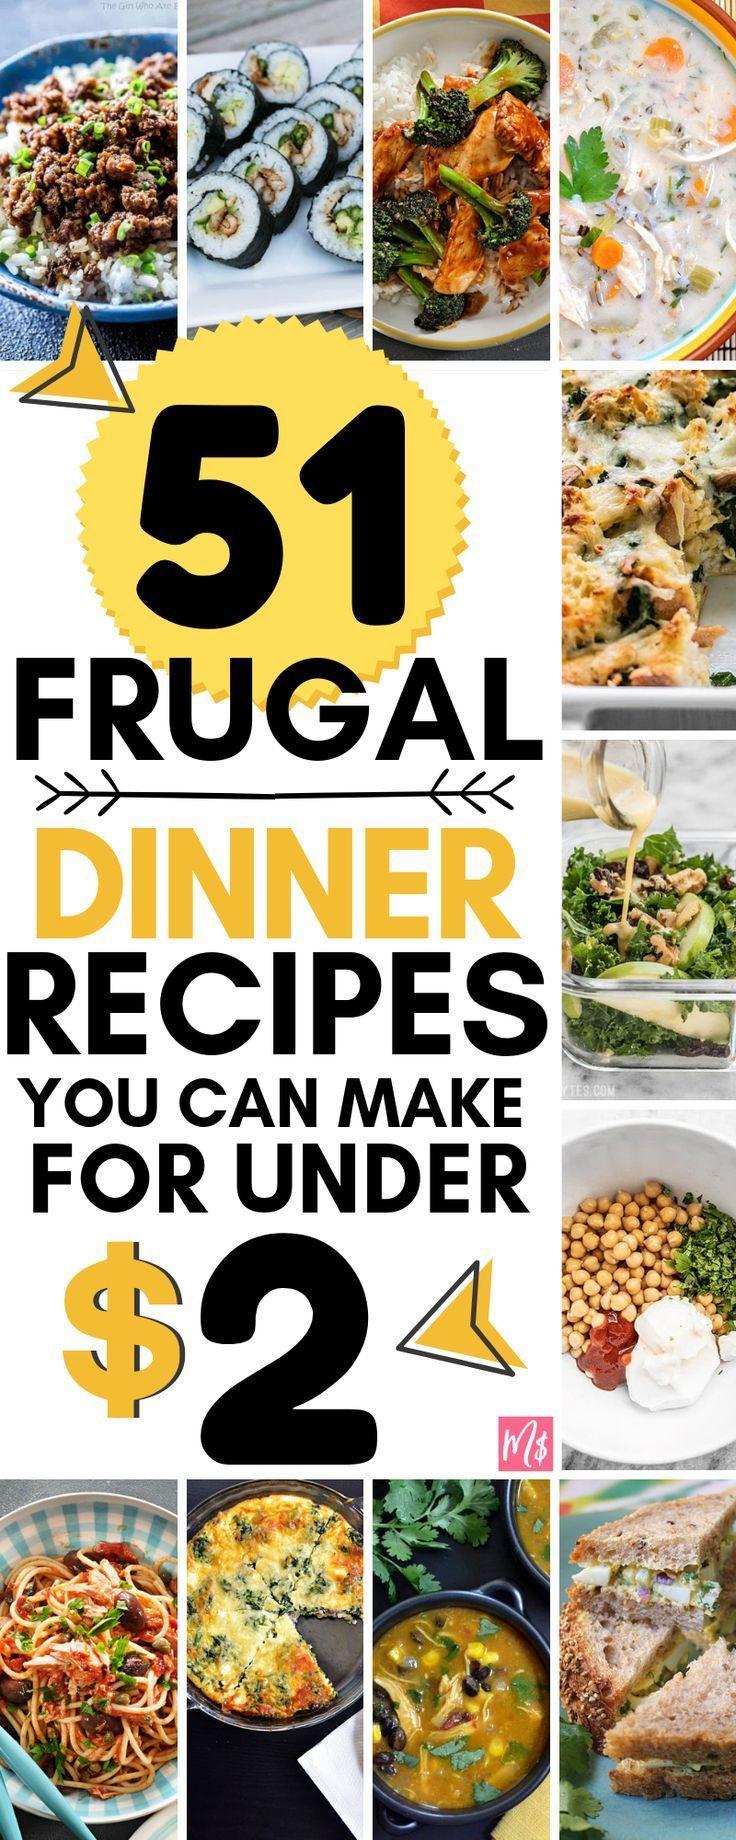 51 gesunde sparsame Abendessen-Rezepte, die Sie f…